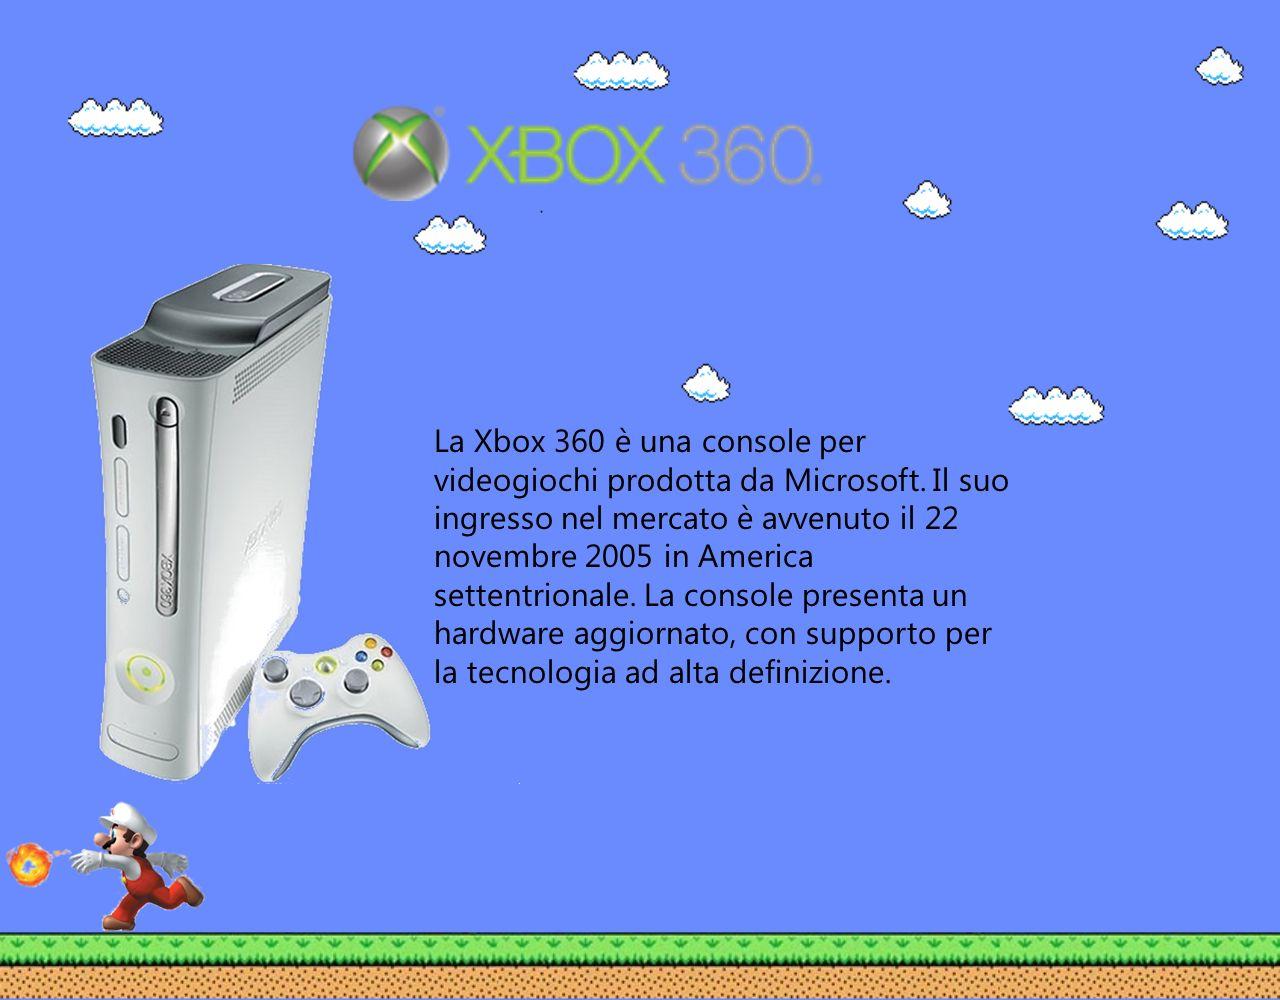 La Xbox 360 è una console per videogiochi prodotta da Microsoft. Il suo ingresso nel mercato è avvenuto il 22 novembre 2005 in America settentrionale.